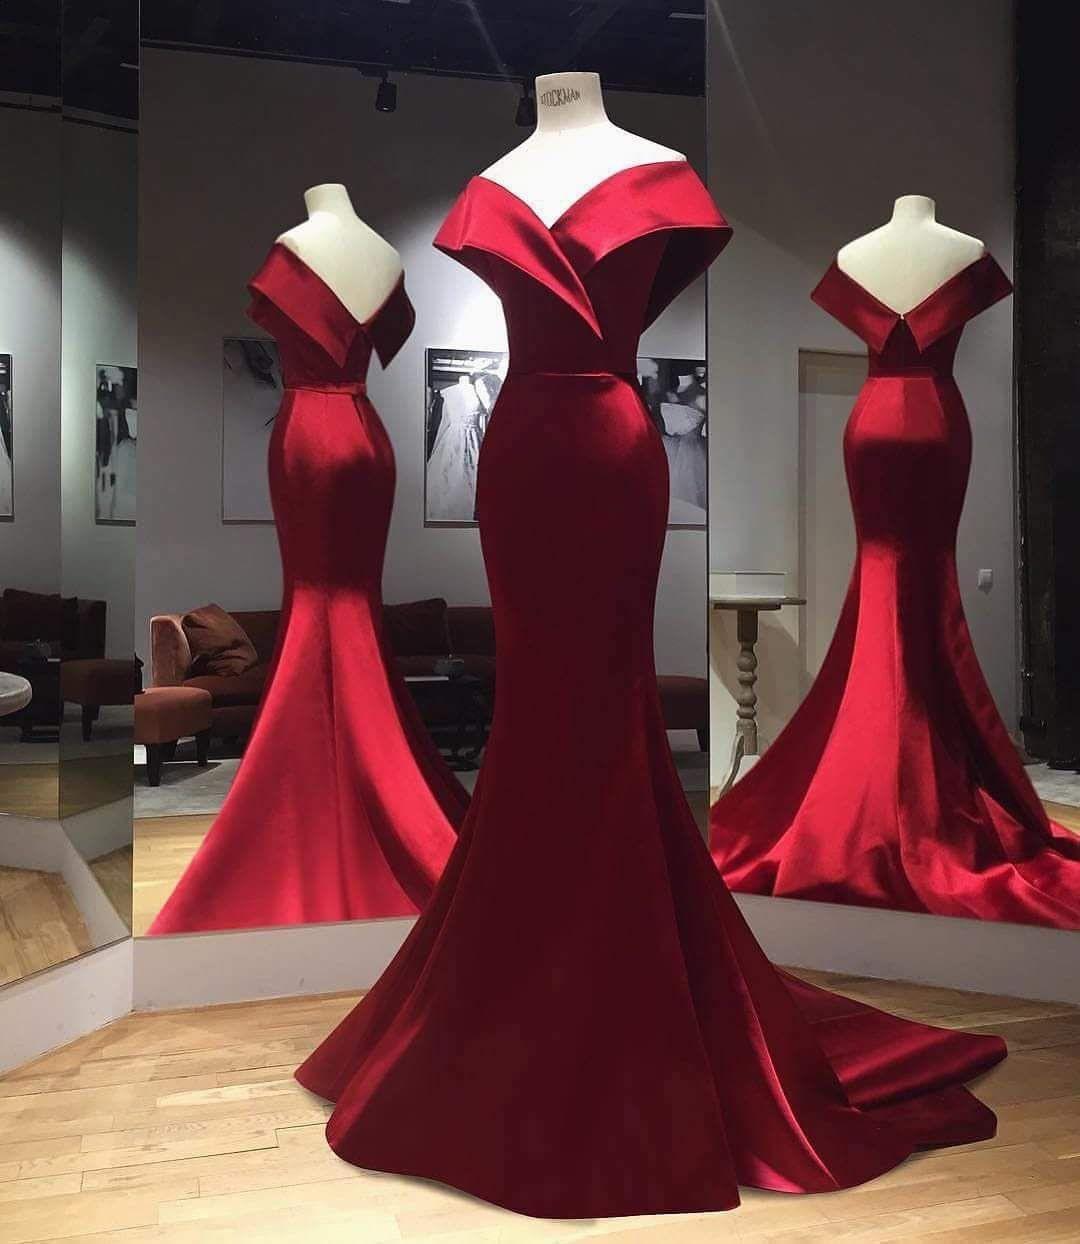 Formal Ausgezeichnet Abendkleid Bordeaux Lang Galerie10 Schön Abendkleid Bordeaux Lang für 2019